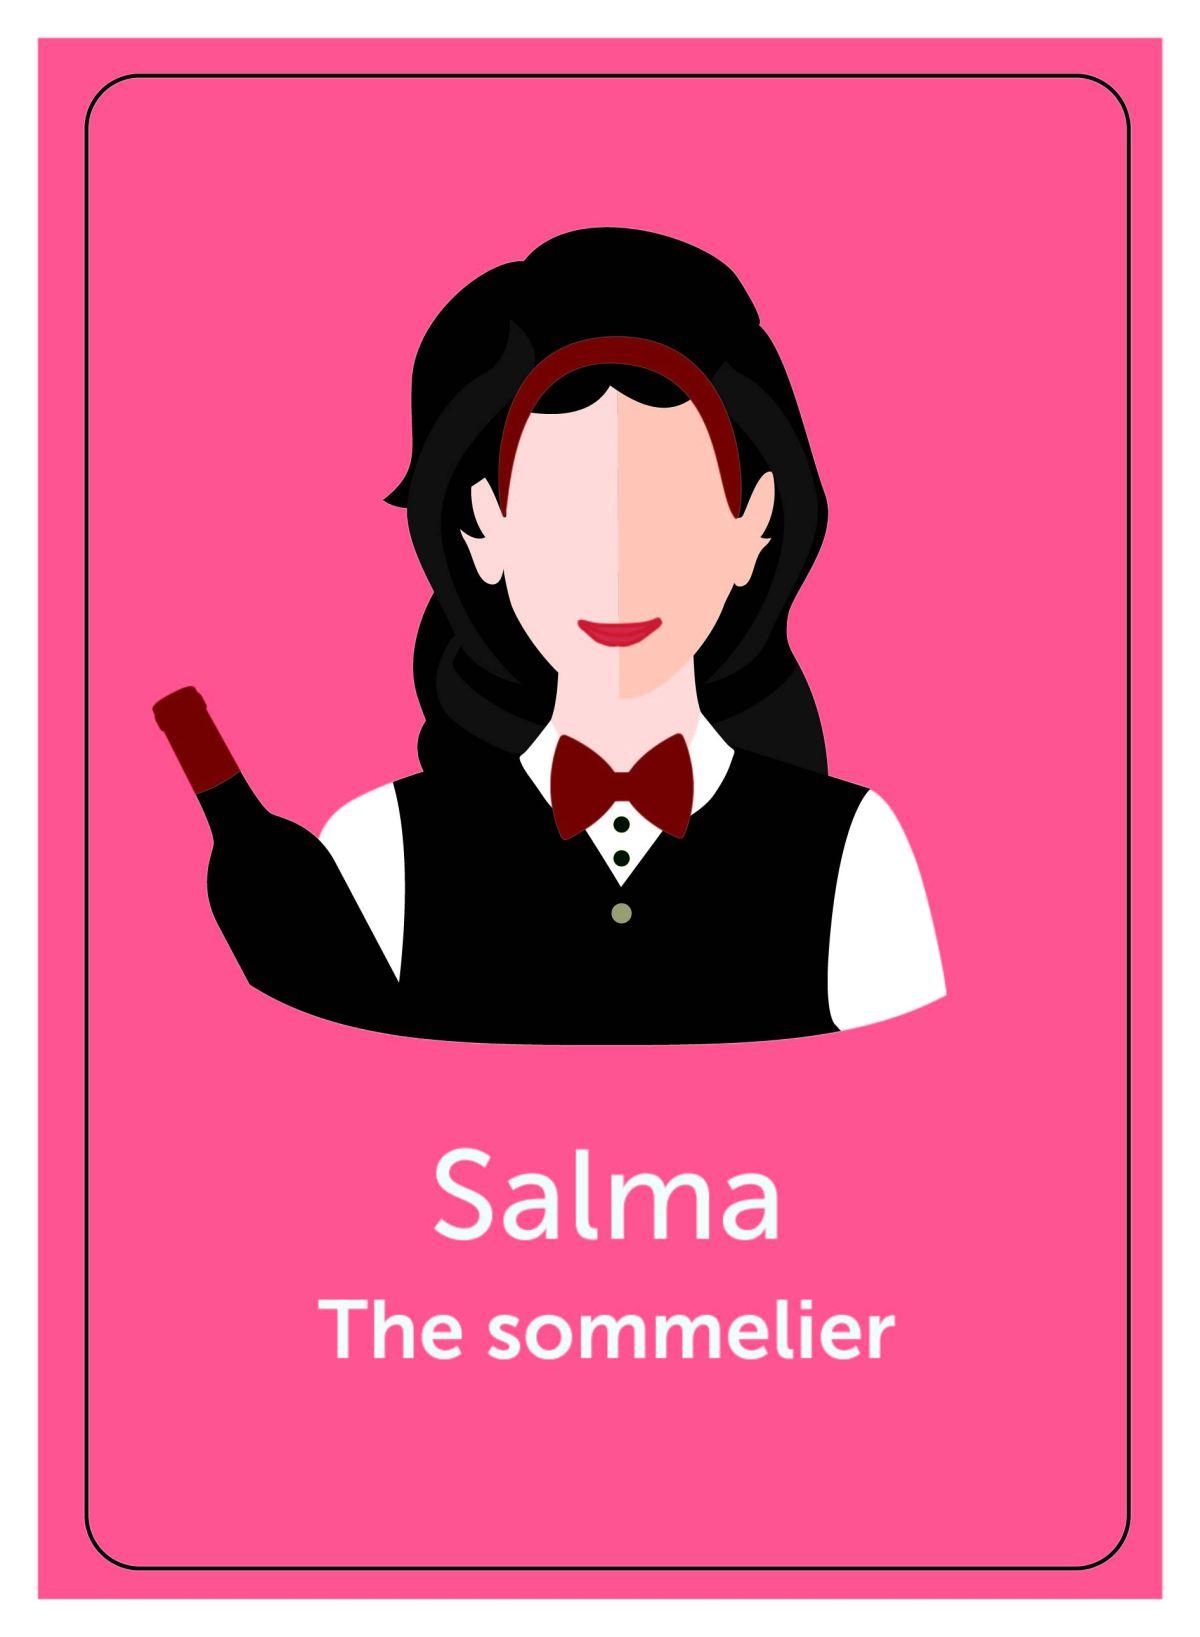 I am Salma